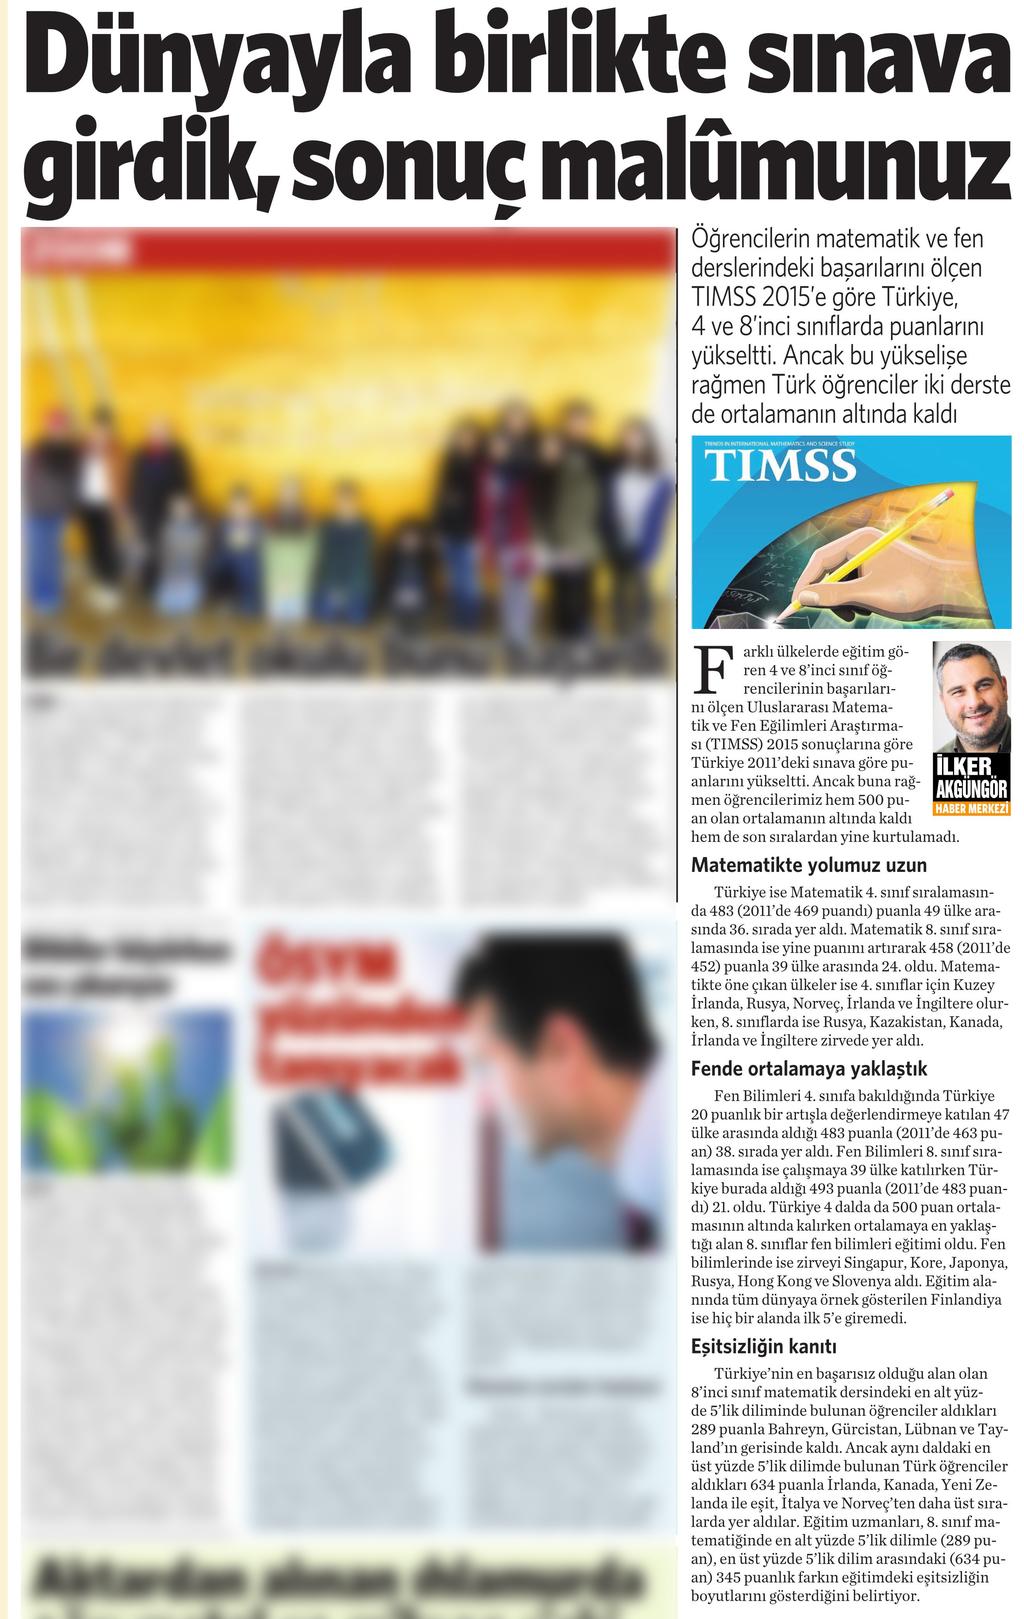 1 Aralık 2016 Vatan Gazetesi 4. sayfa